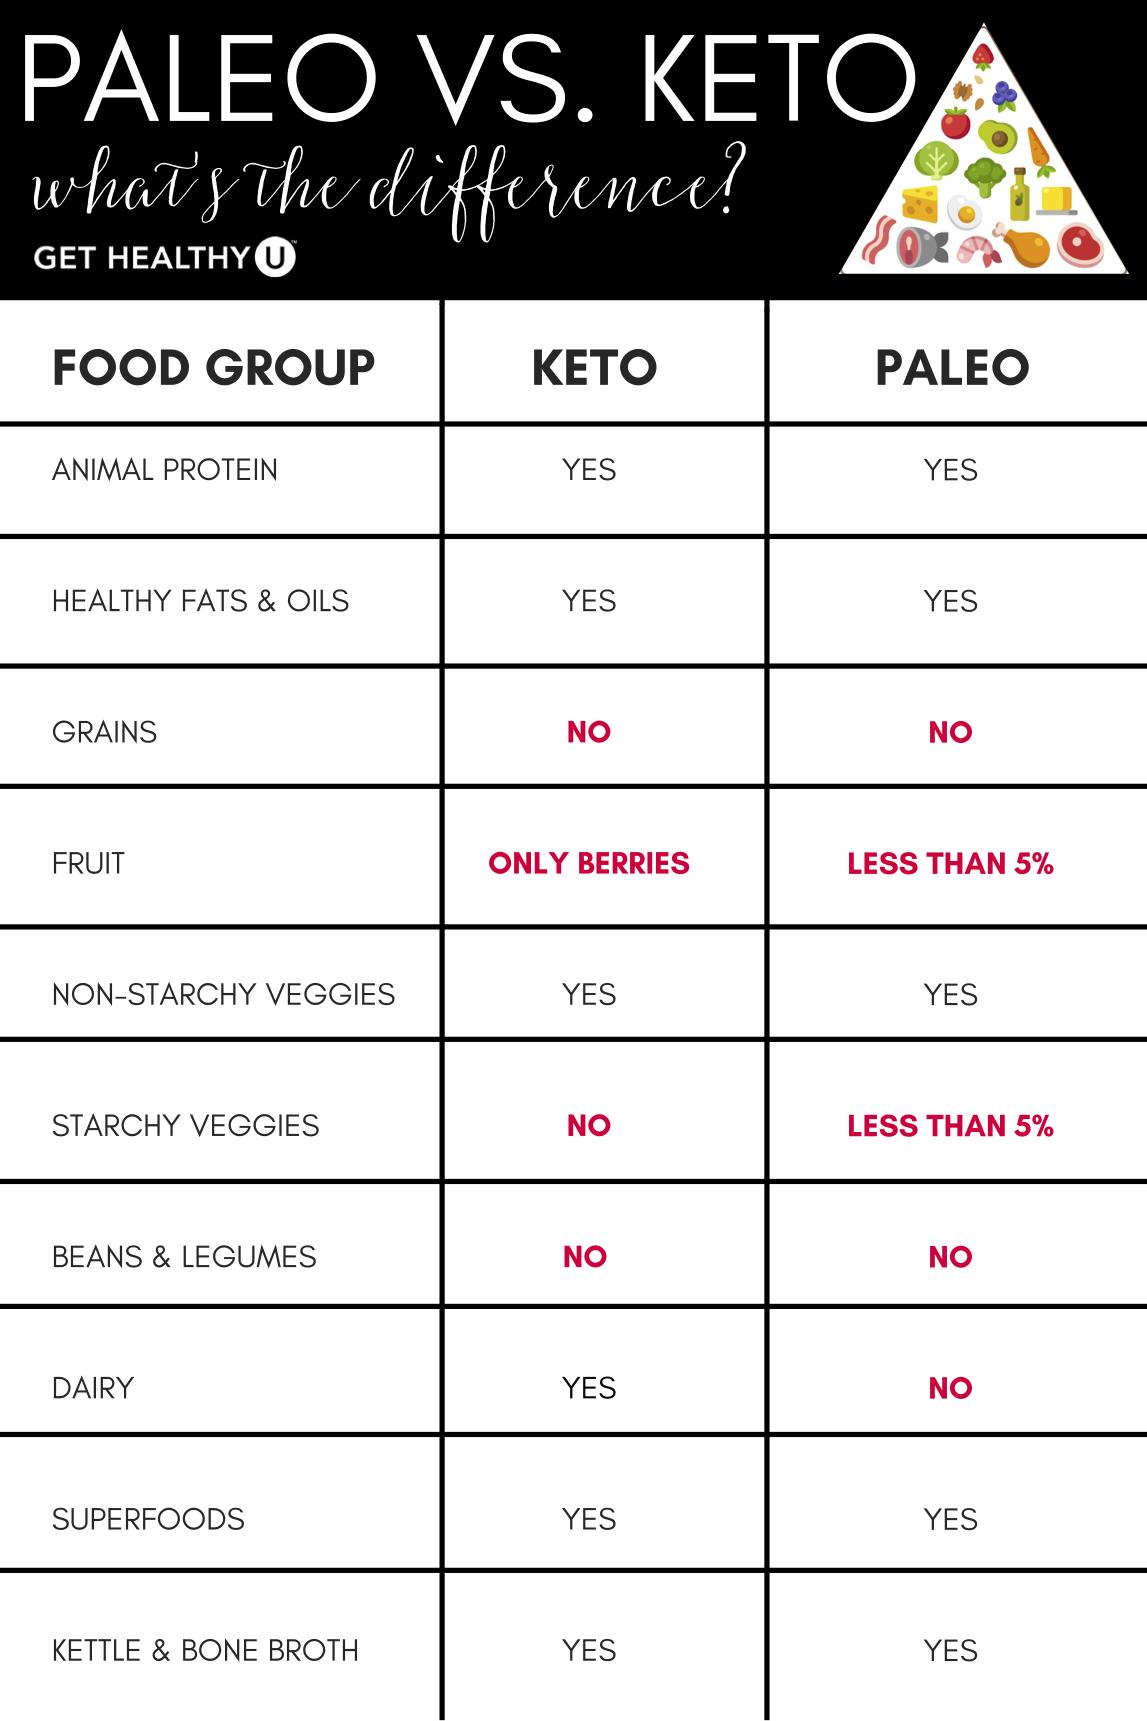 Keto vs. Paleo: Which Diet Is Better? | Emdomorph | Paleo vs keto, Keto, Paleo vegan diet